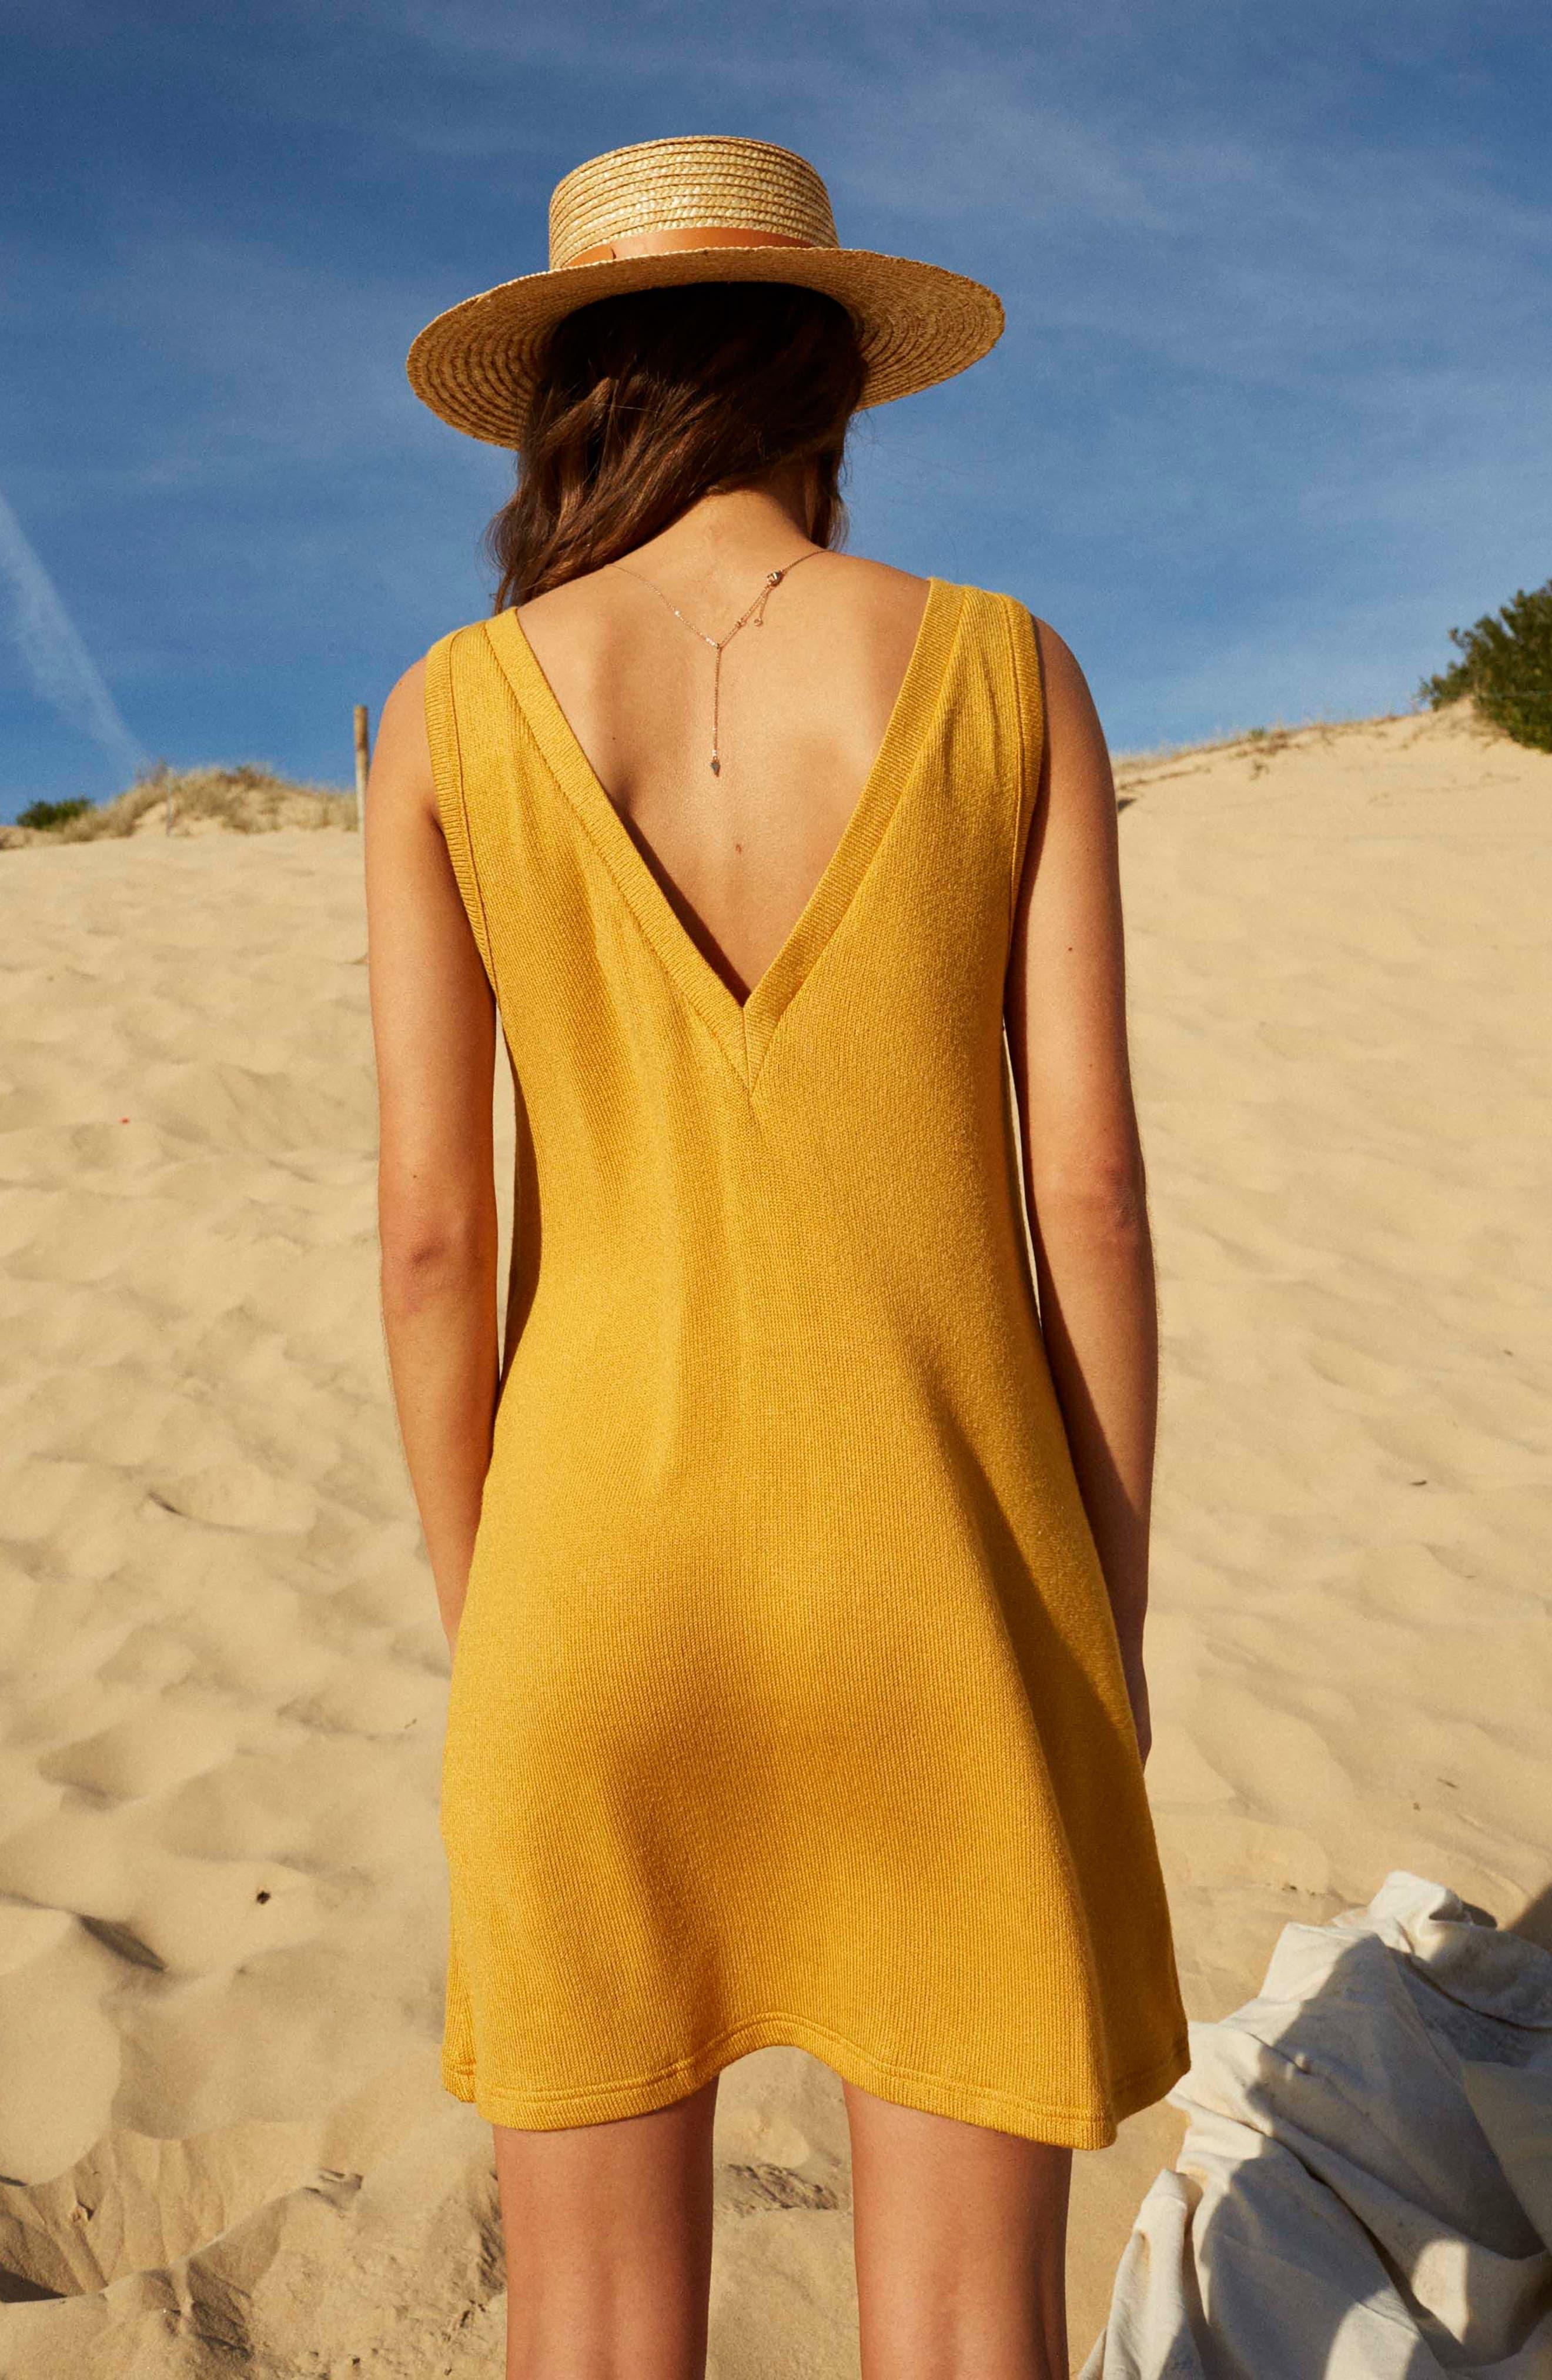 Heat Rising Lace-Up Dress,                             Alternate thumbnail 8, color,                             Saffron